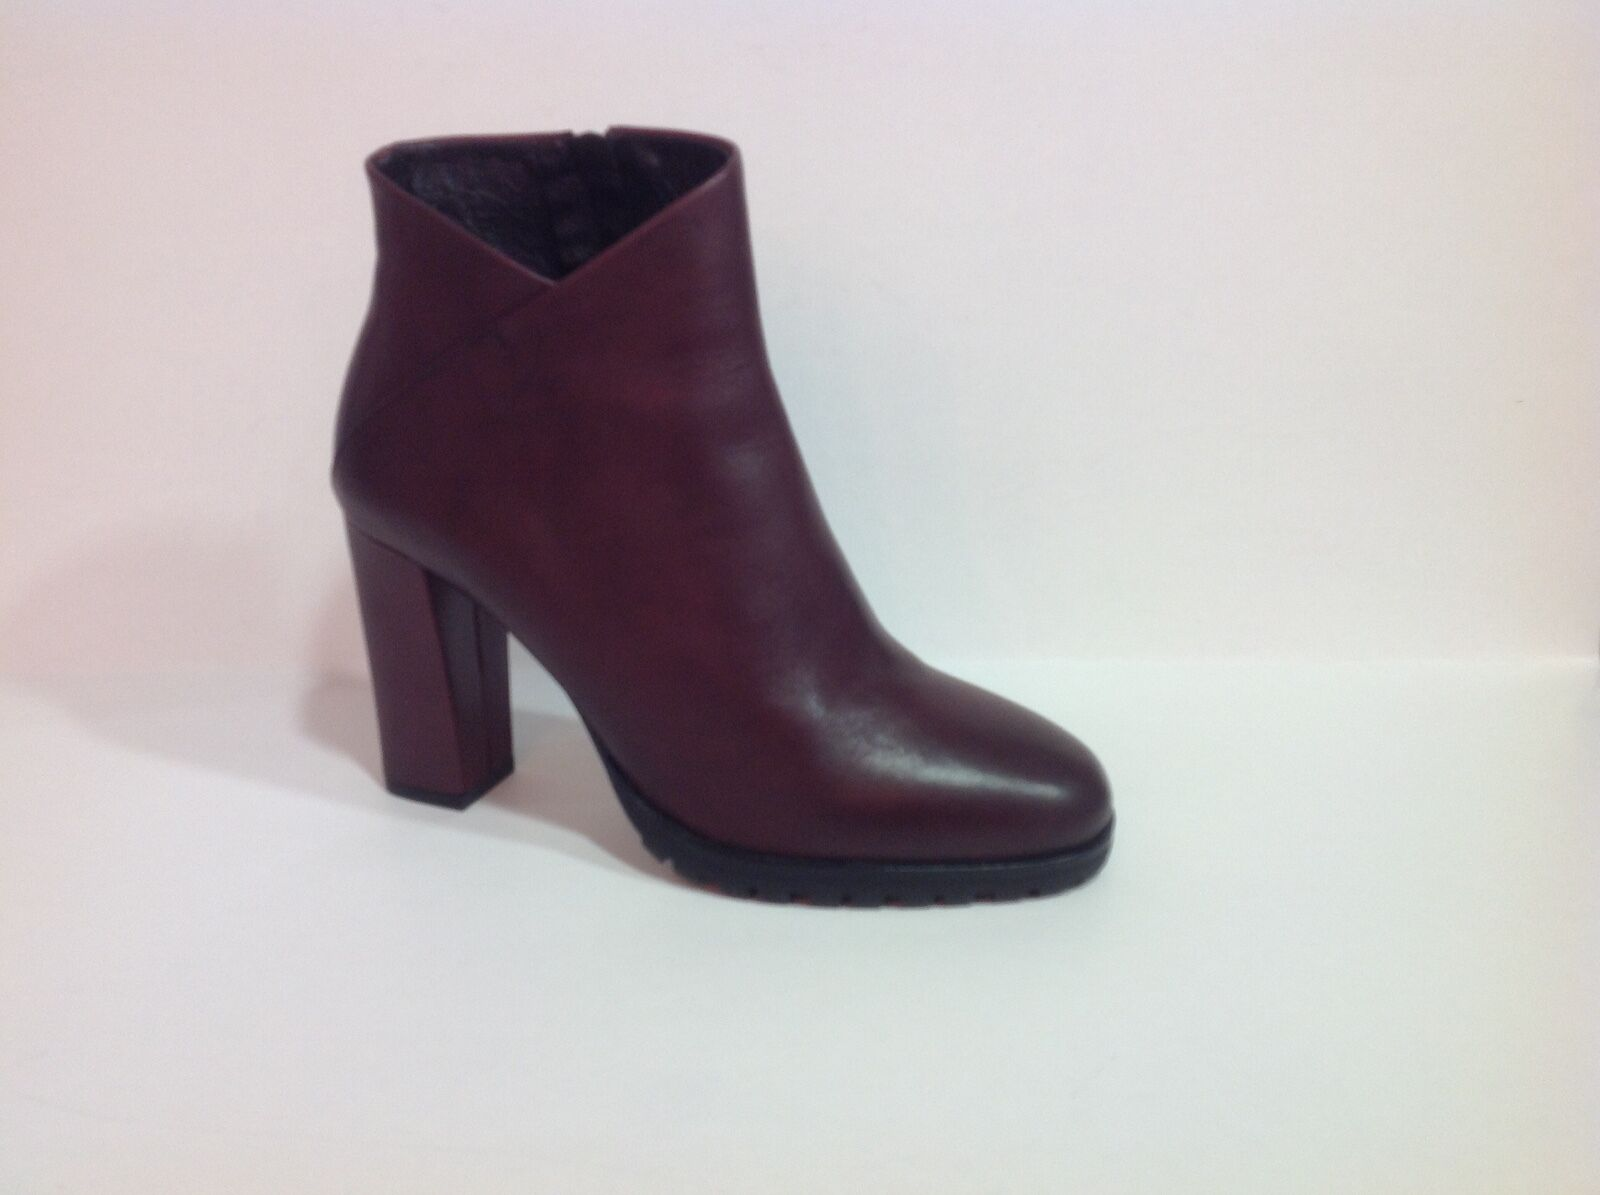 chaussure femme bottine Bruno Premi en cuir Bordeaux Talon 9 cm pointure 40